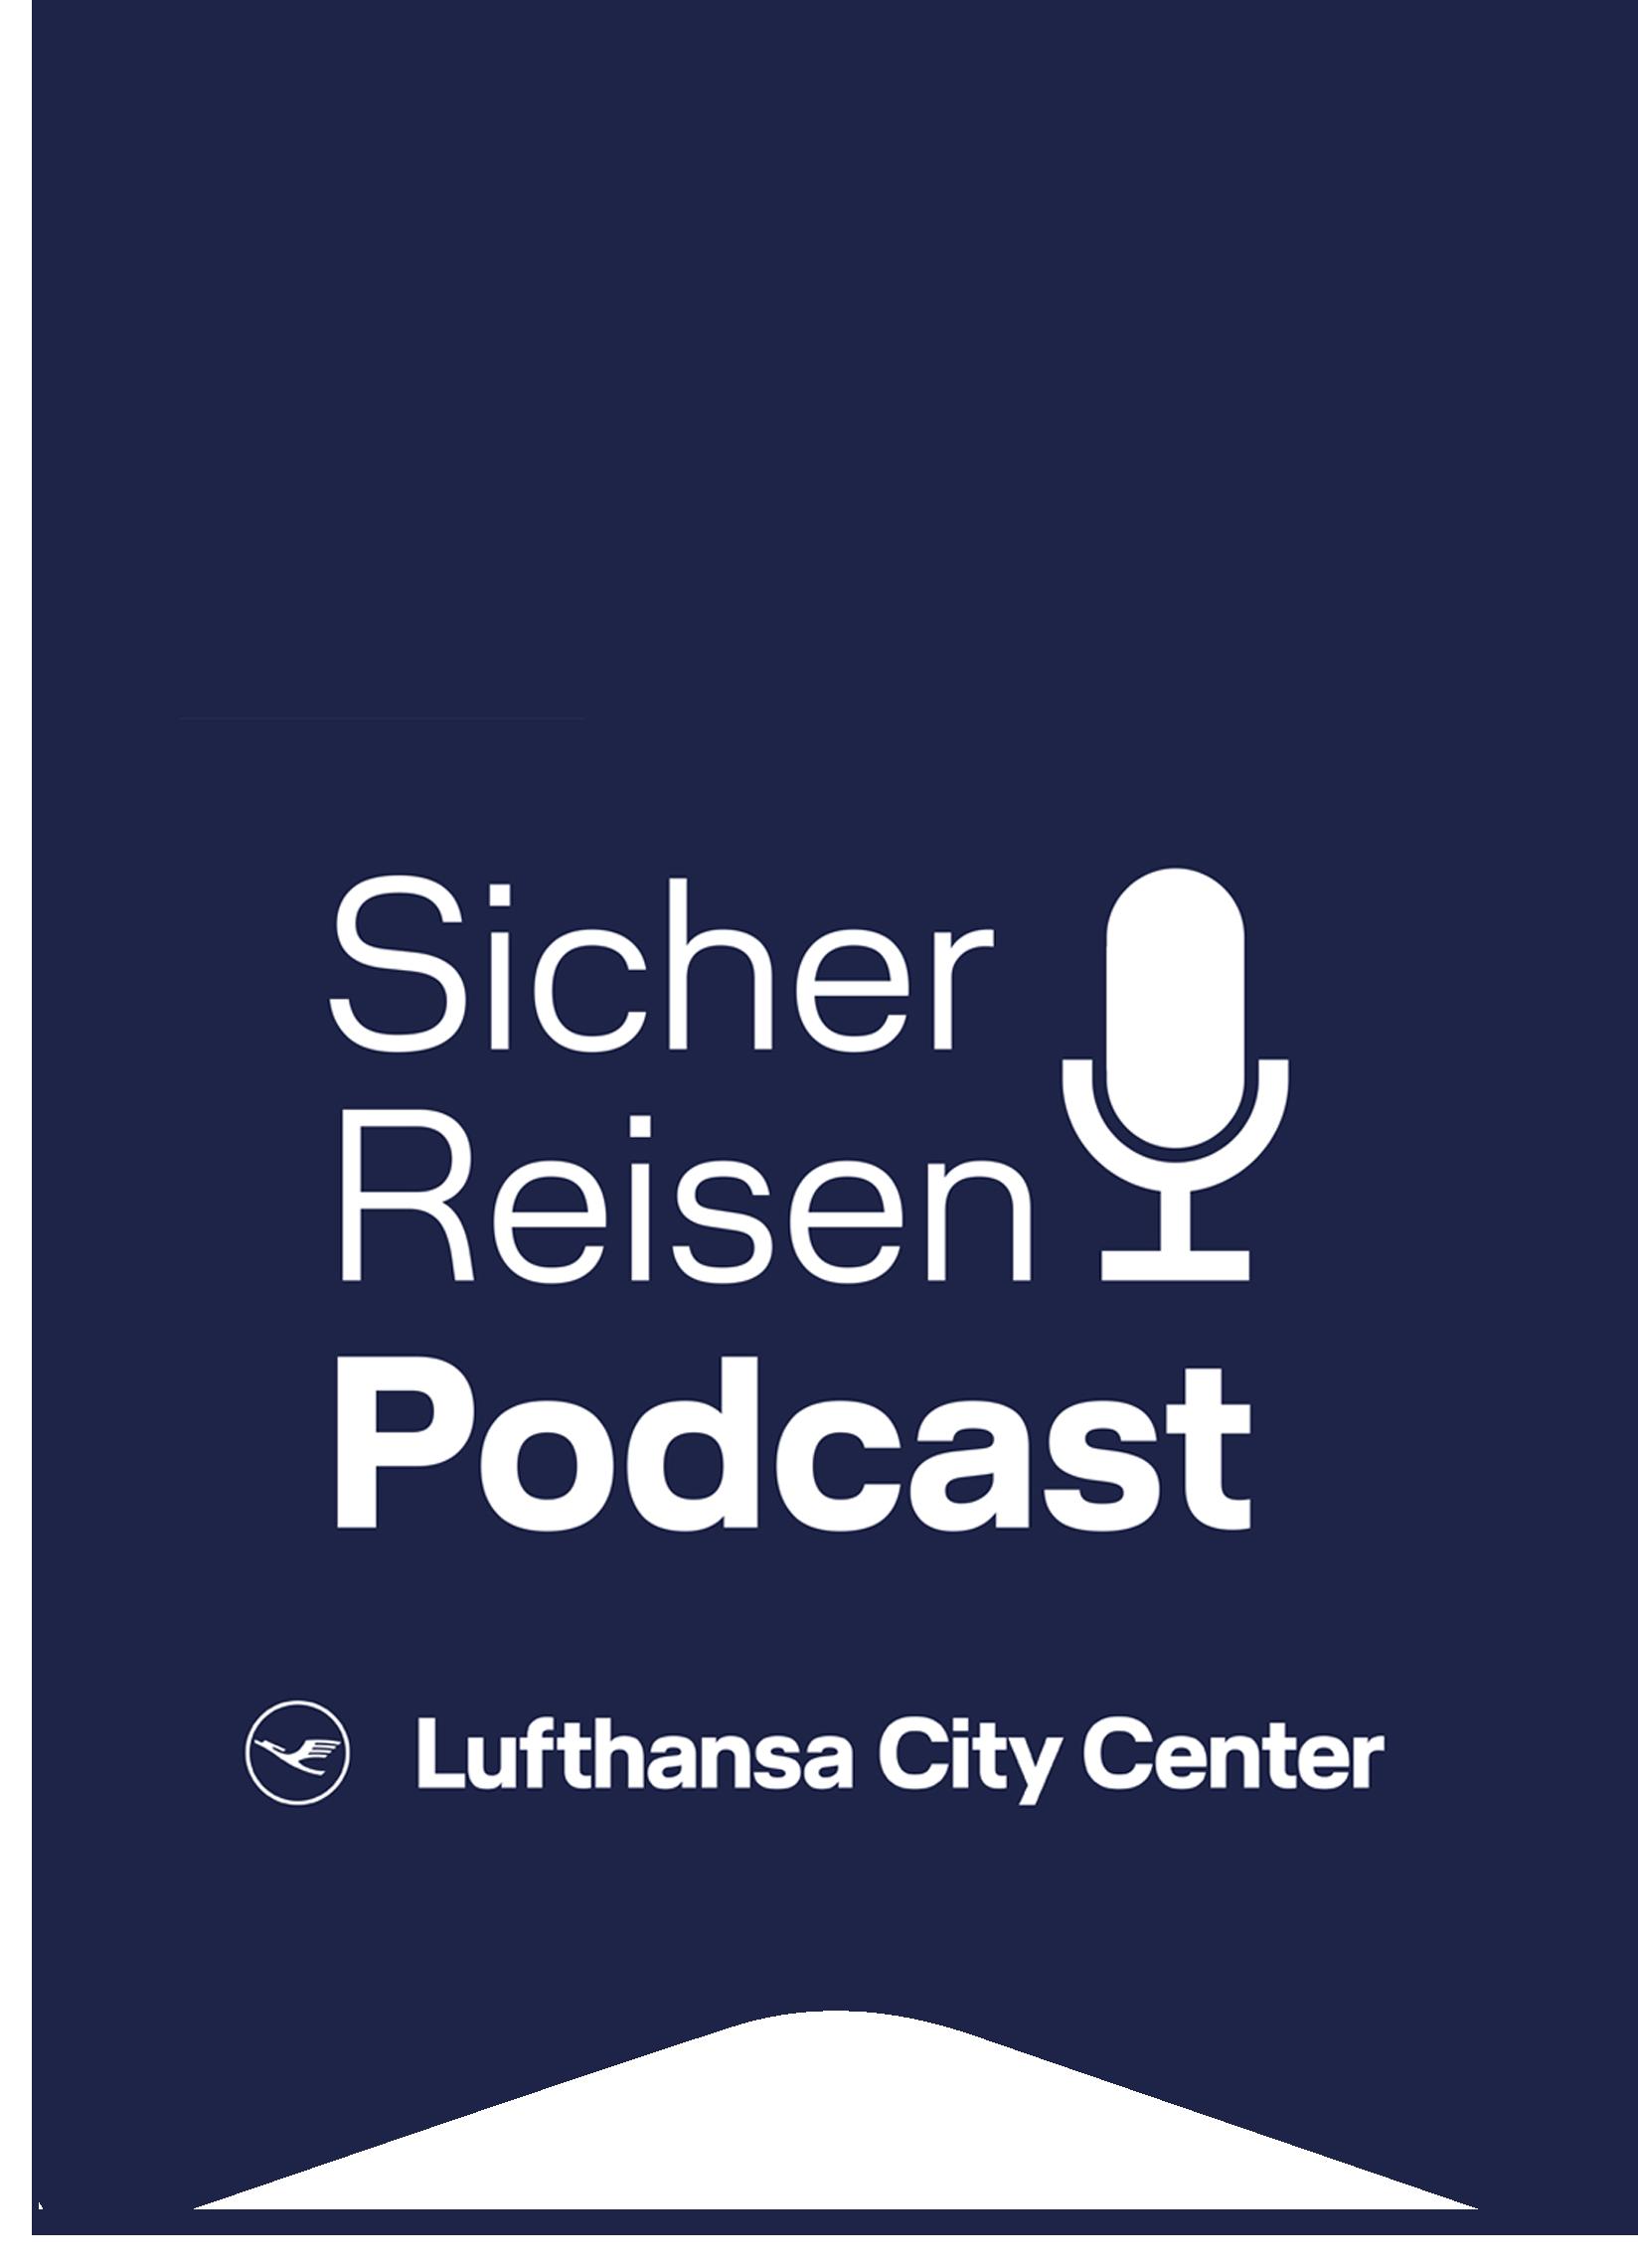 Sicher Reisen Podcast Fahne